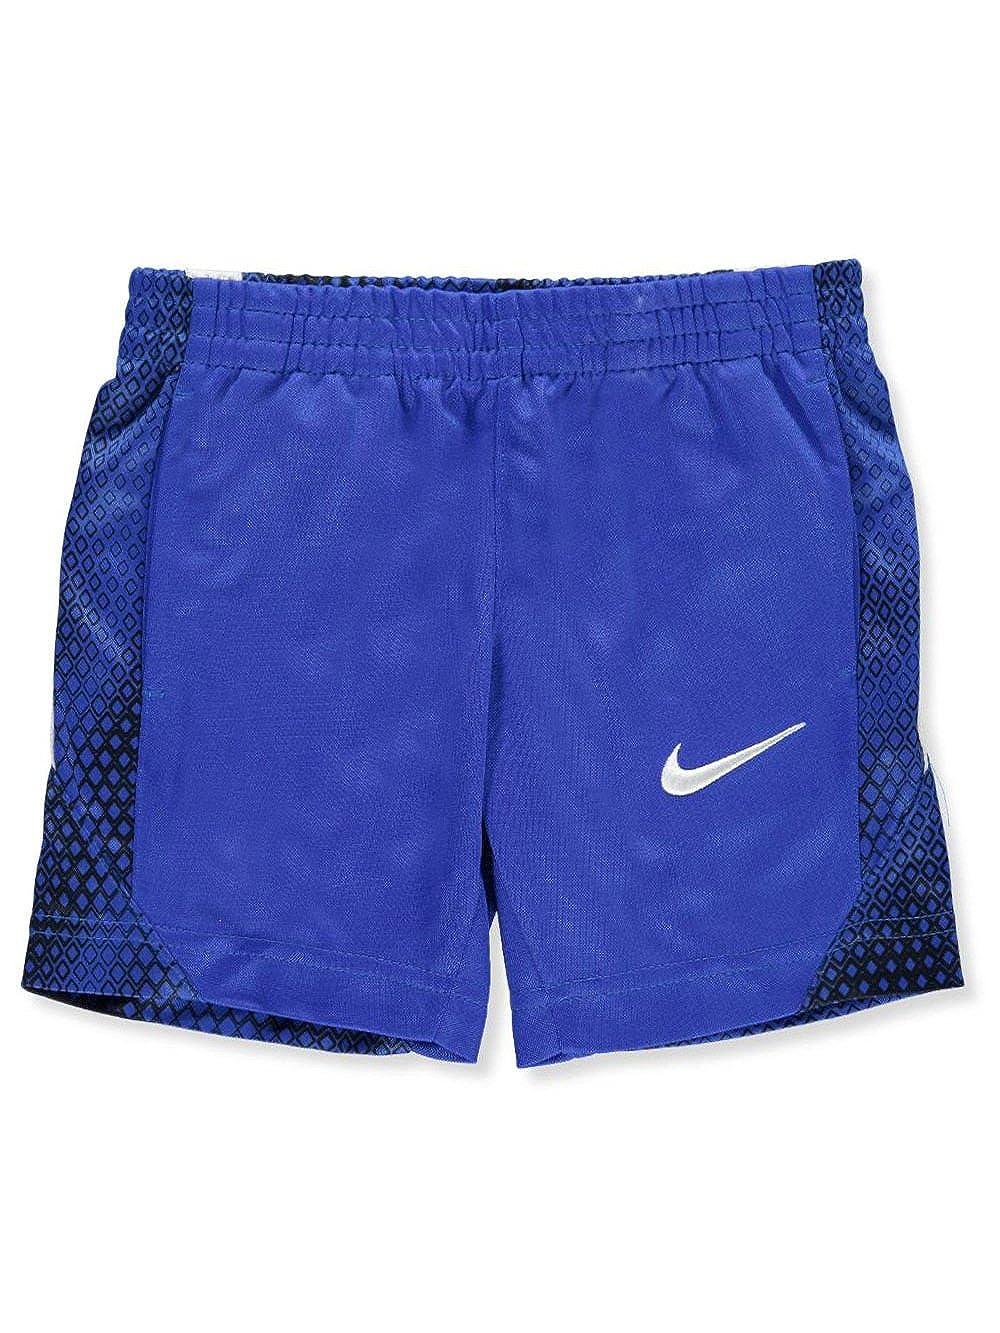 Nike Boys Dri-Fit Shorts